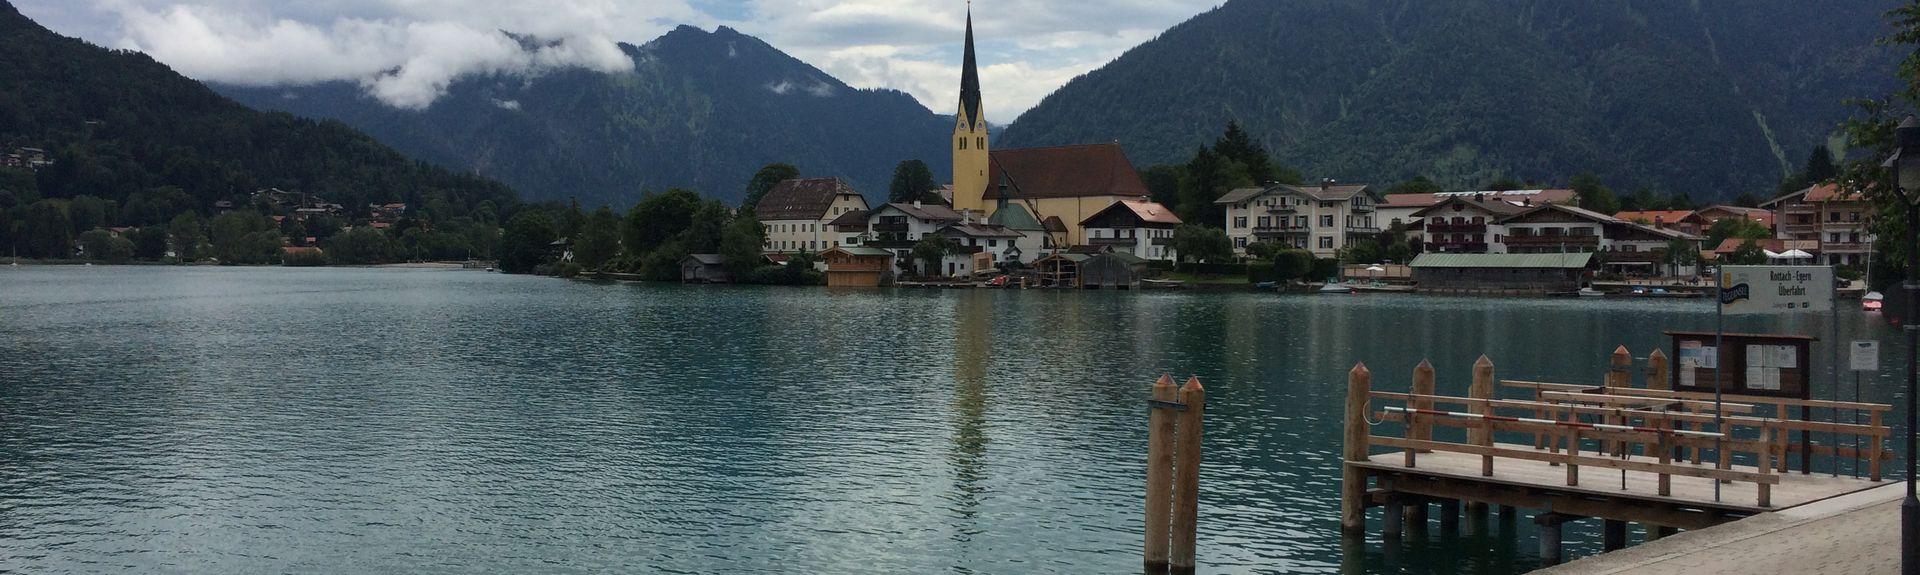 Ramsau, Bad Heilbrunn, Beieren, Duitsland